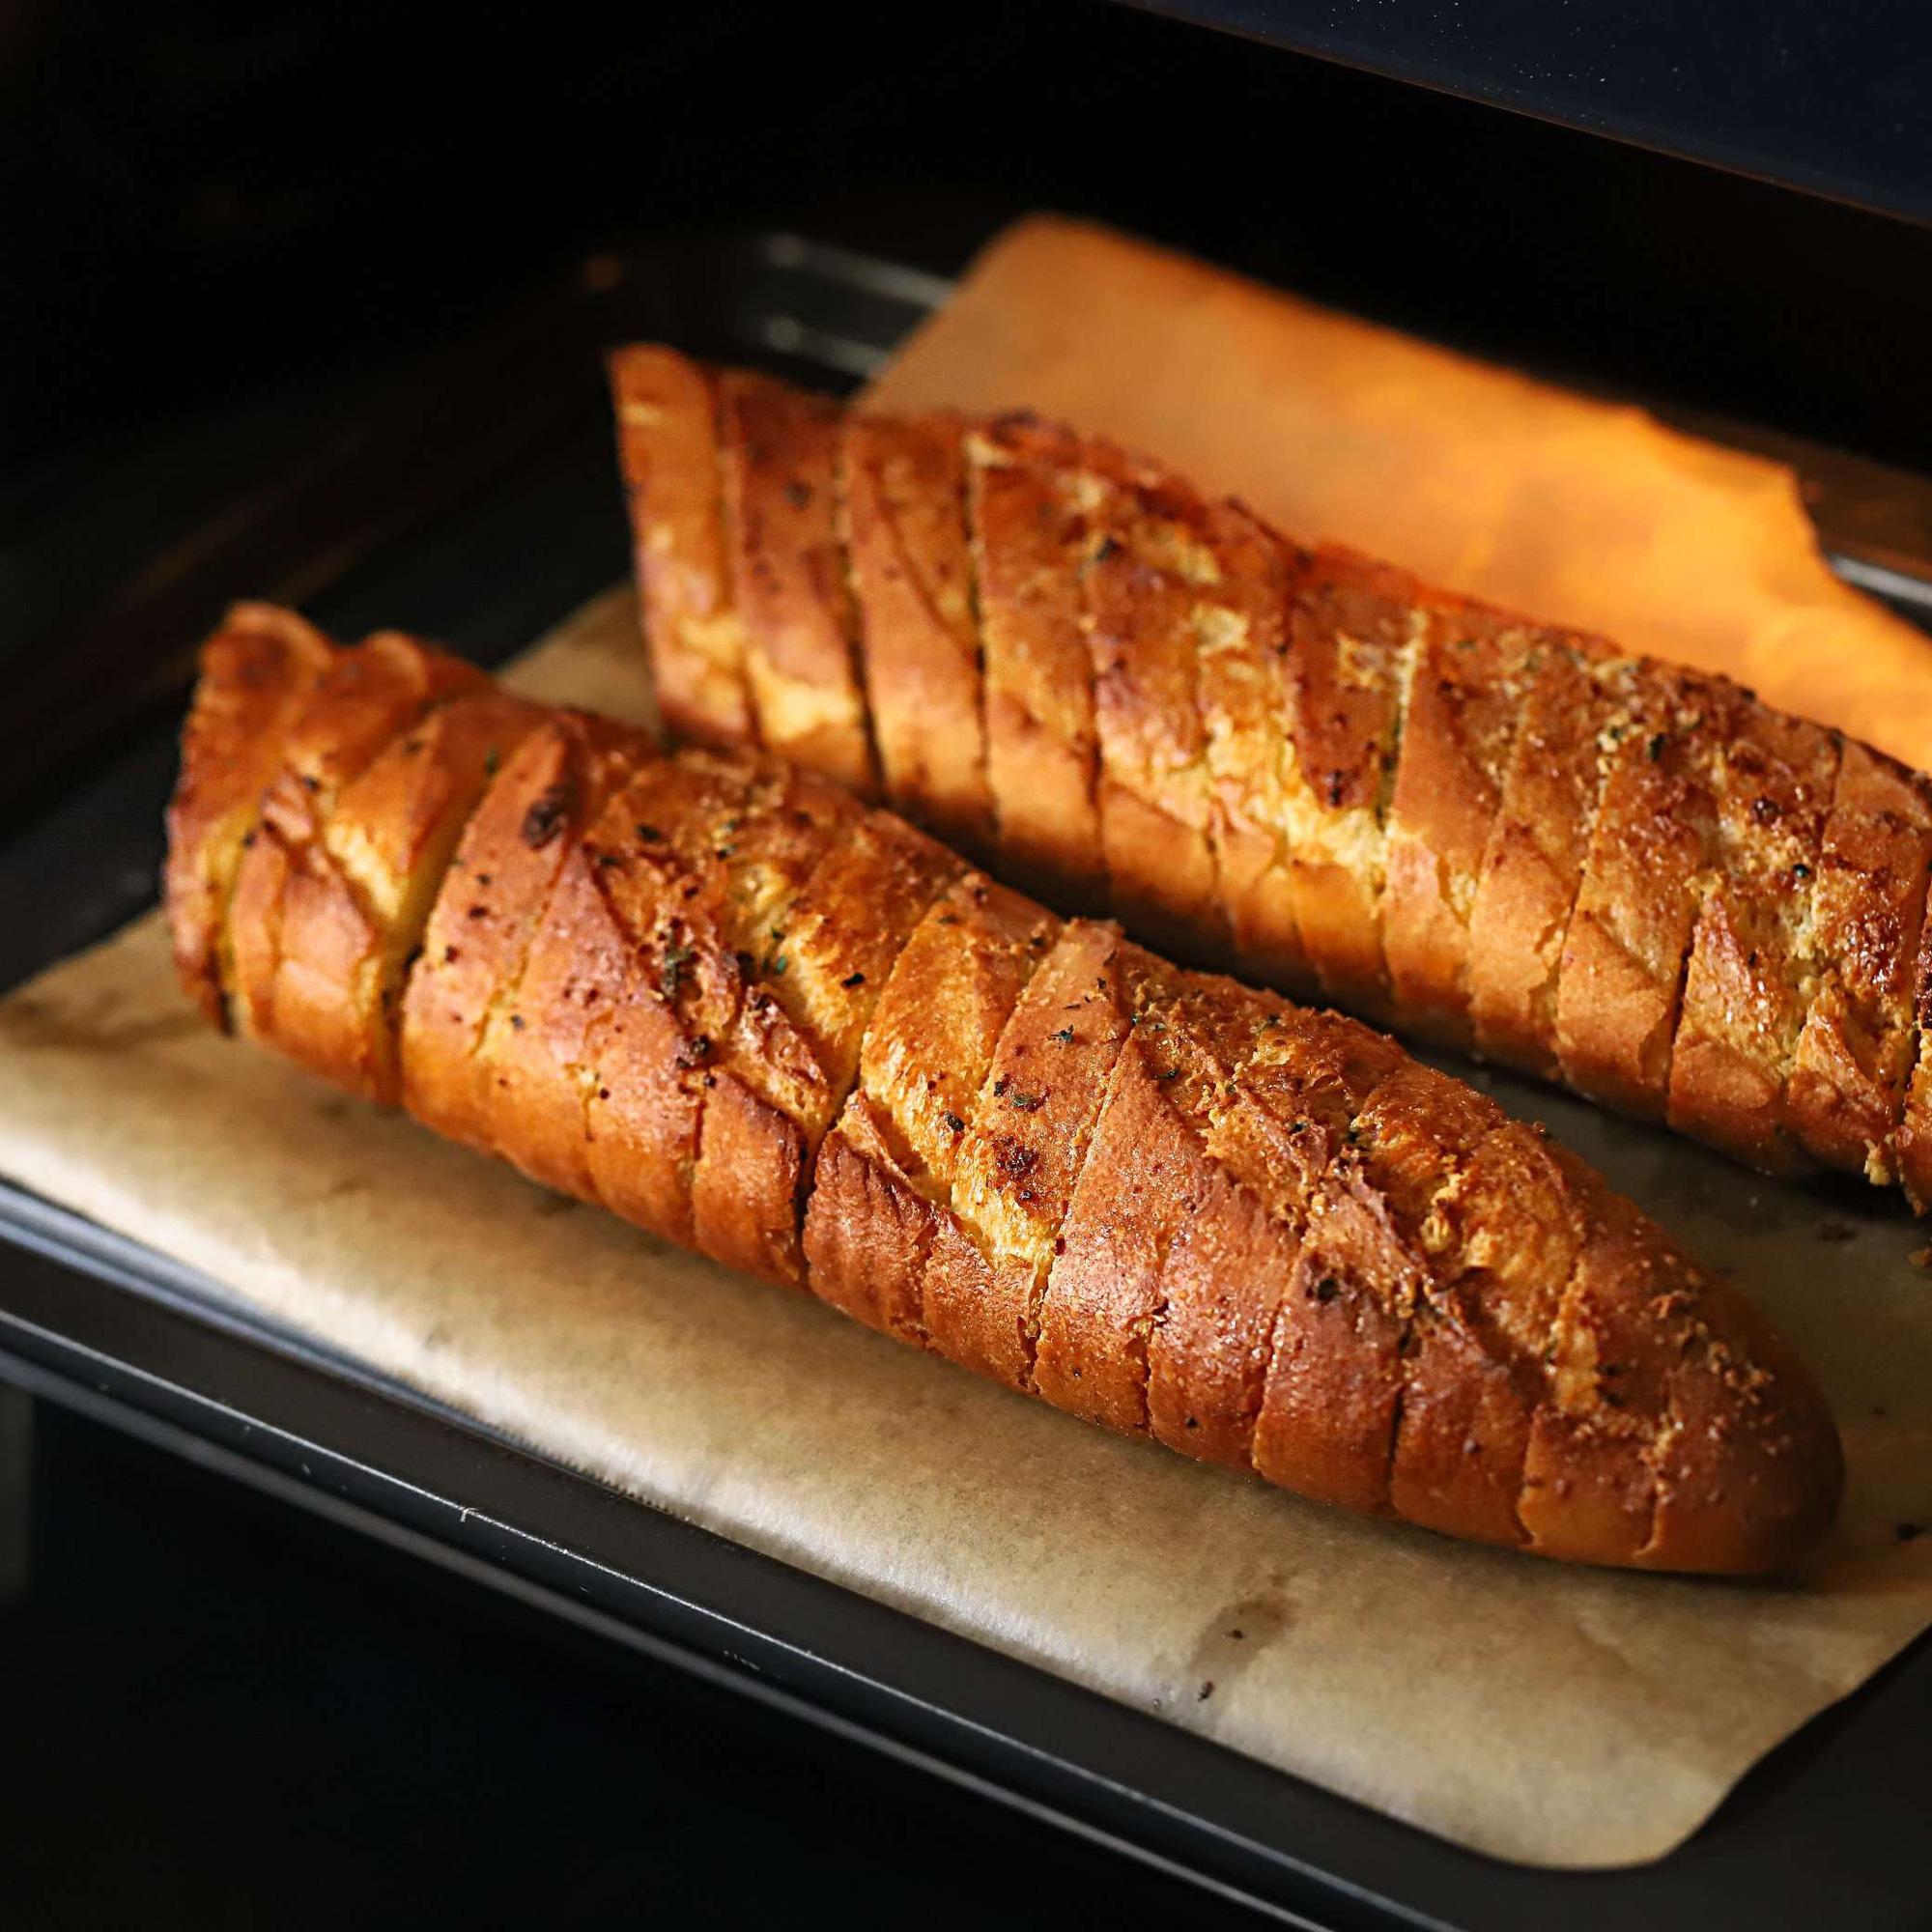 Chỉ 15 phút tôi chuẩn bị được món bánh mì nướng thơm ngon nhức nhối cho cả nhà ăn sáng! - Ảnh 5.